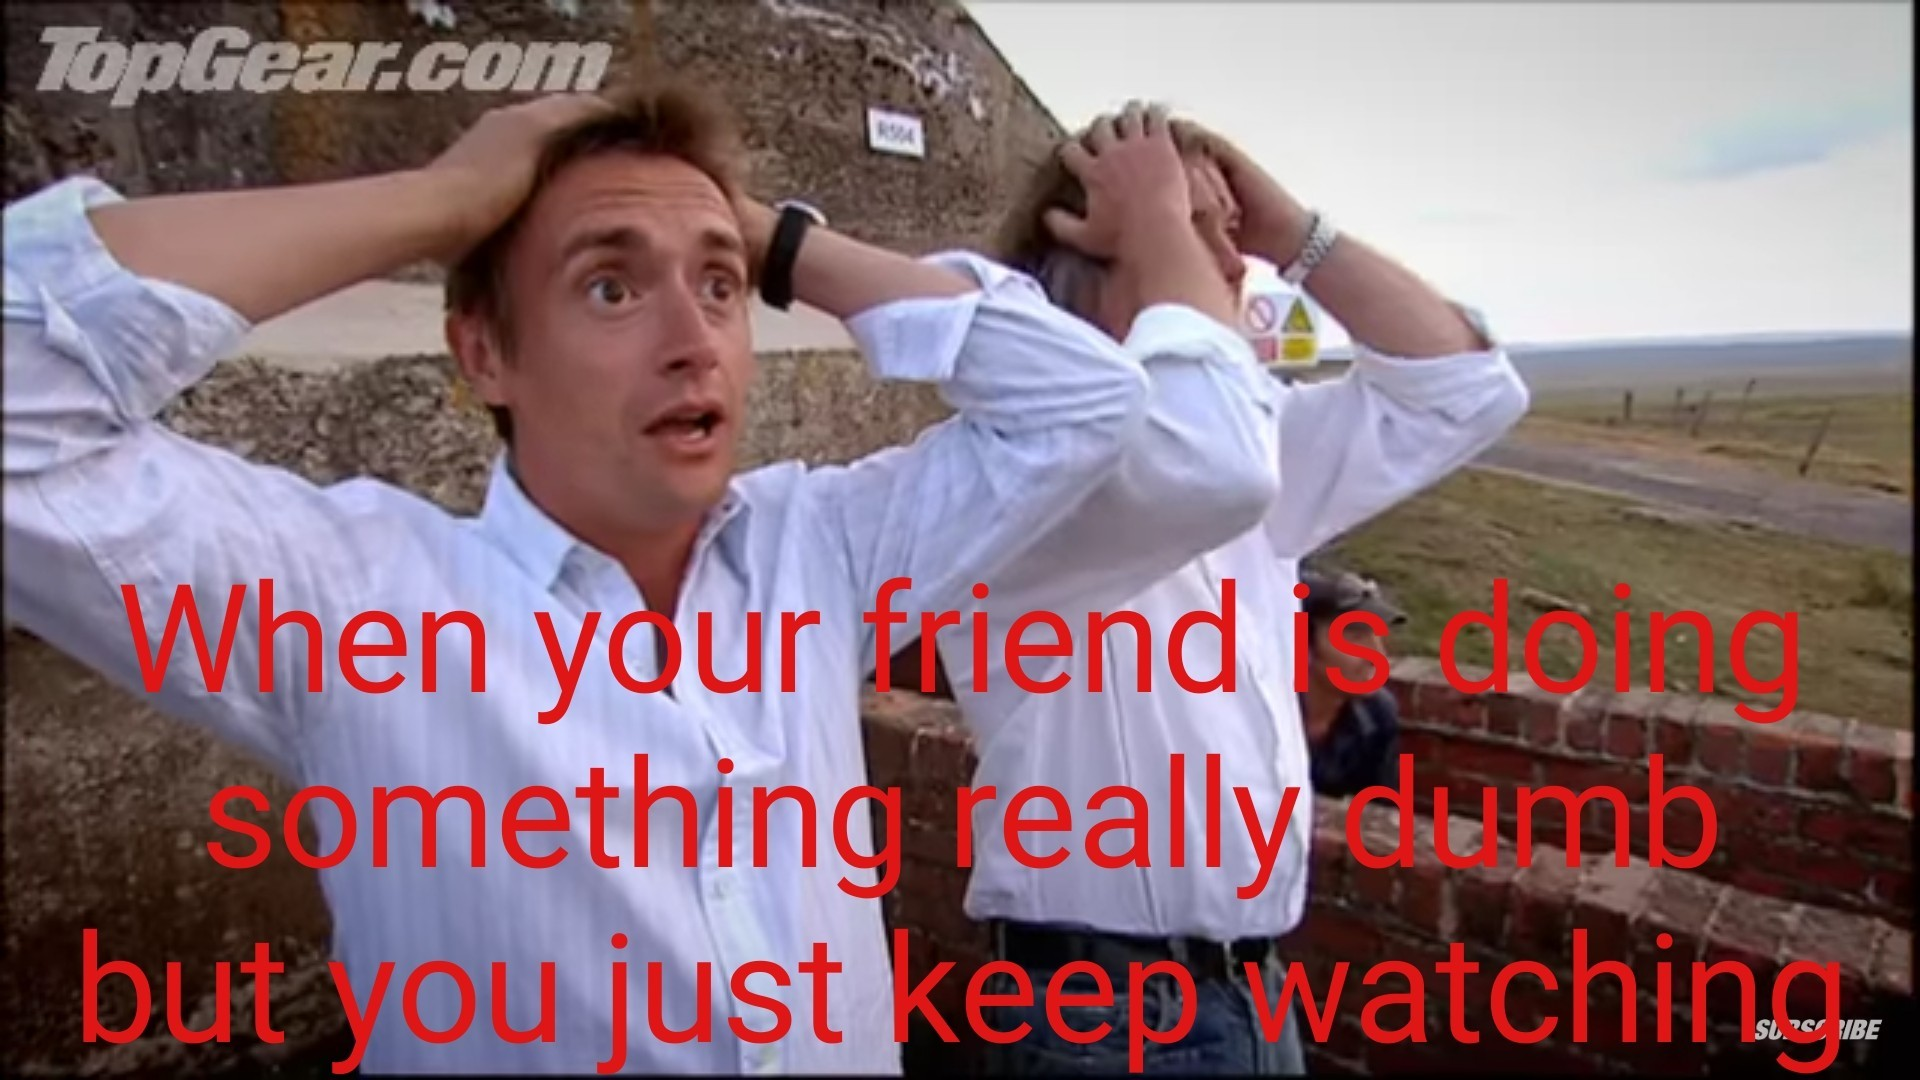 Just keep watching - meme